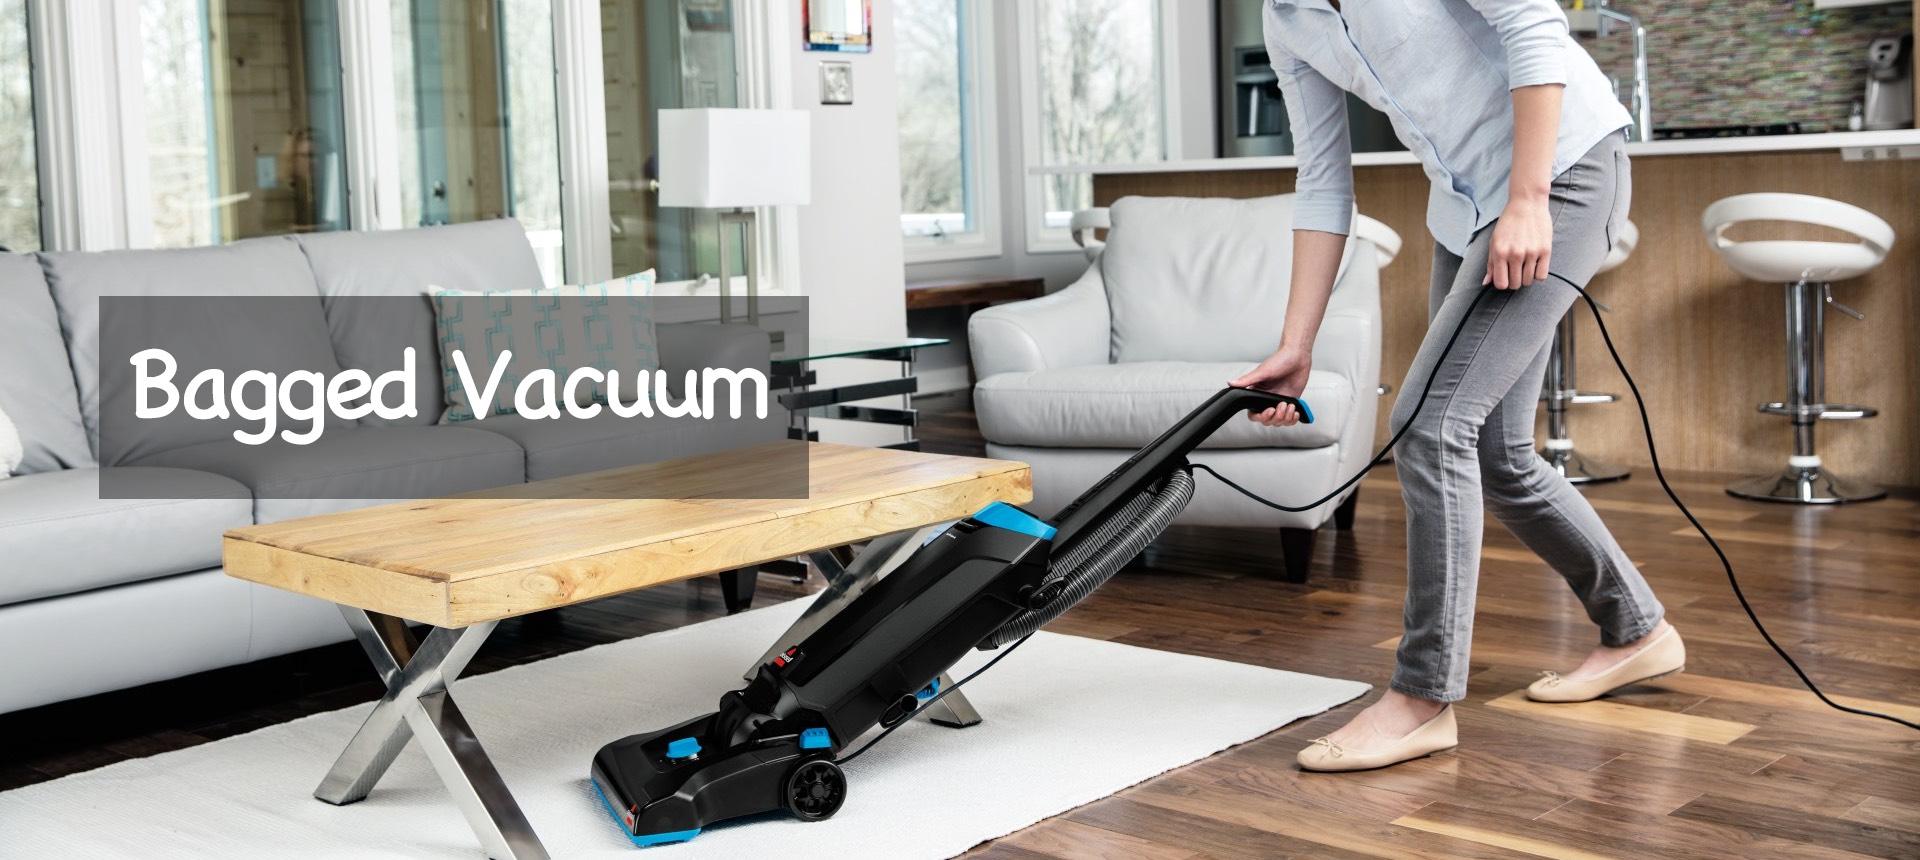 Bagged Vacuum